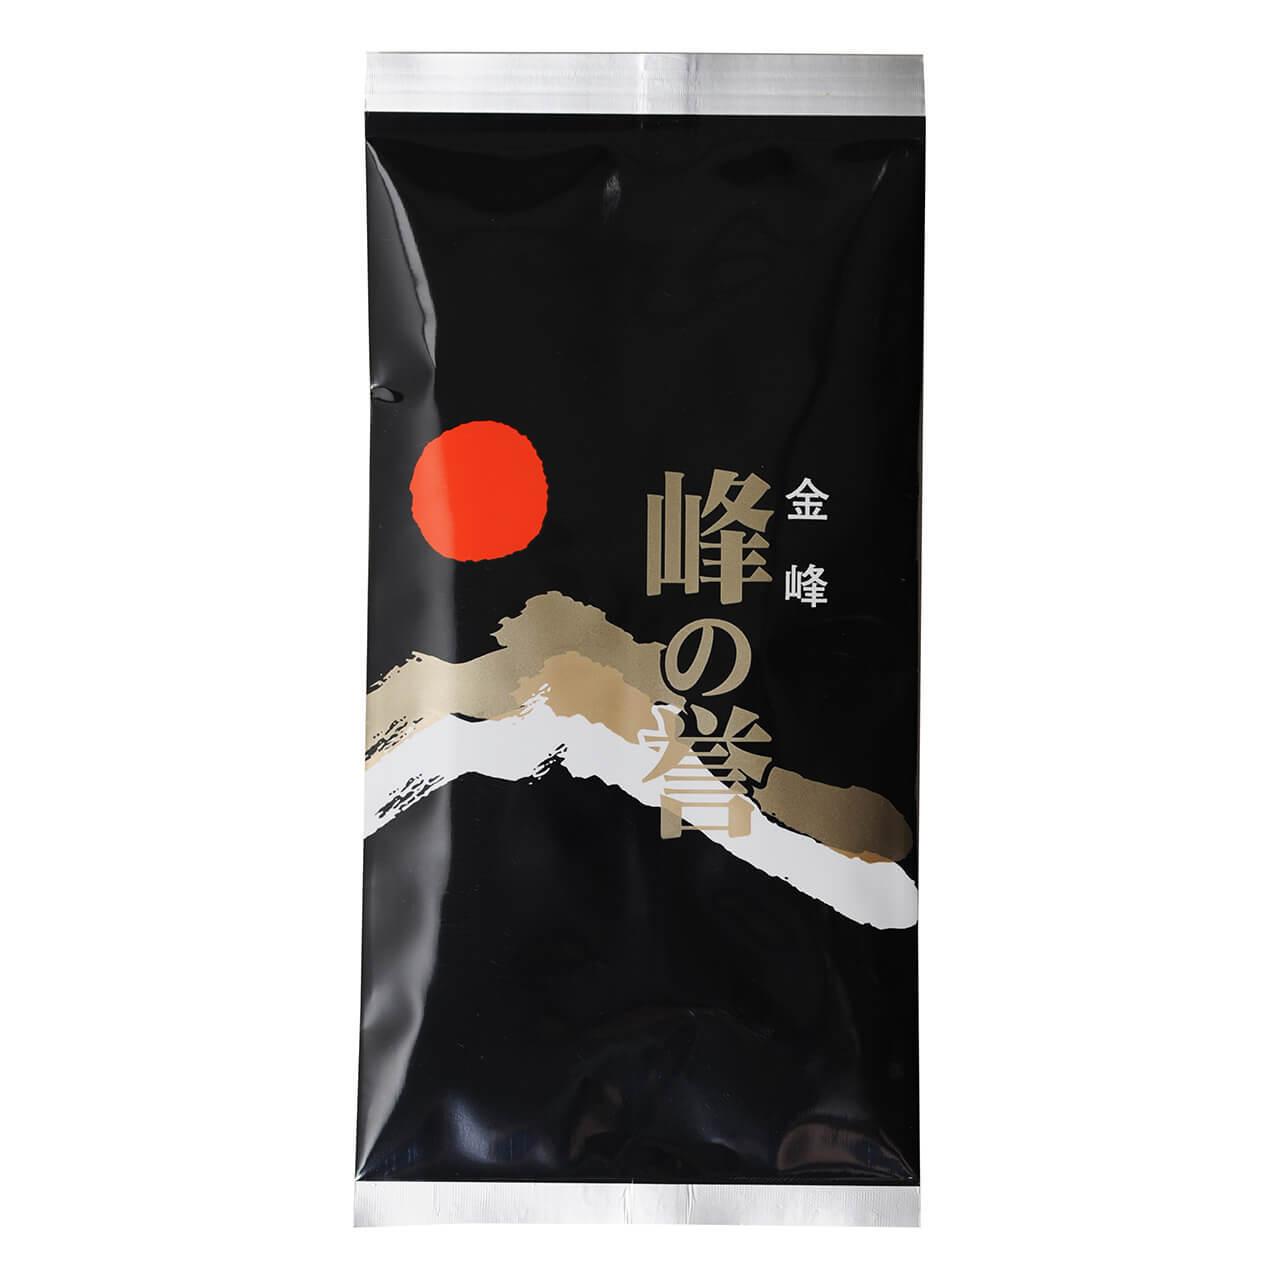 お茶 緑茶 お茶の葉 峰の誉 黒 100g 1袋 鹿児島 小牧緑峰園